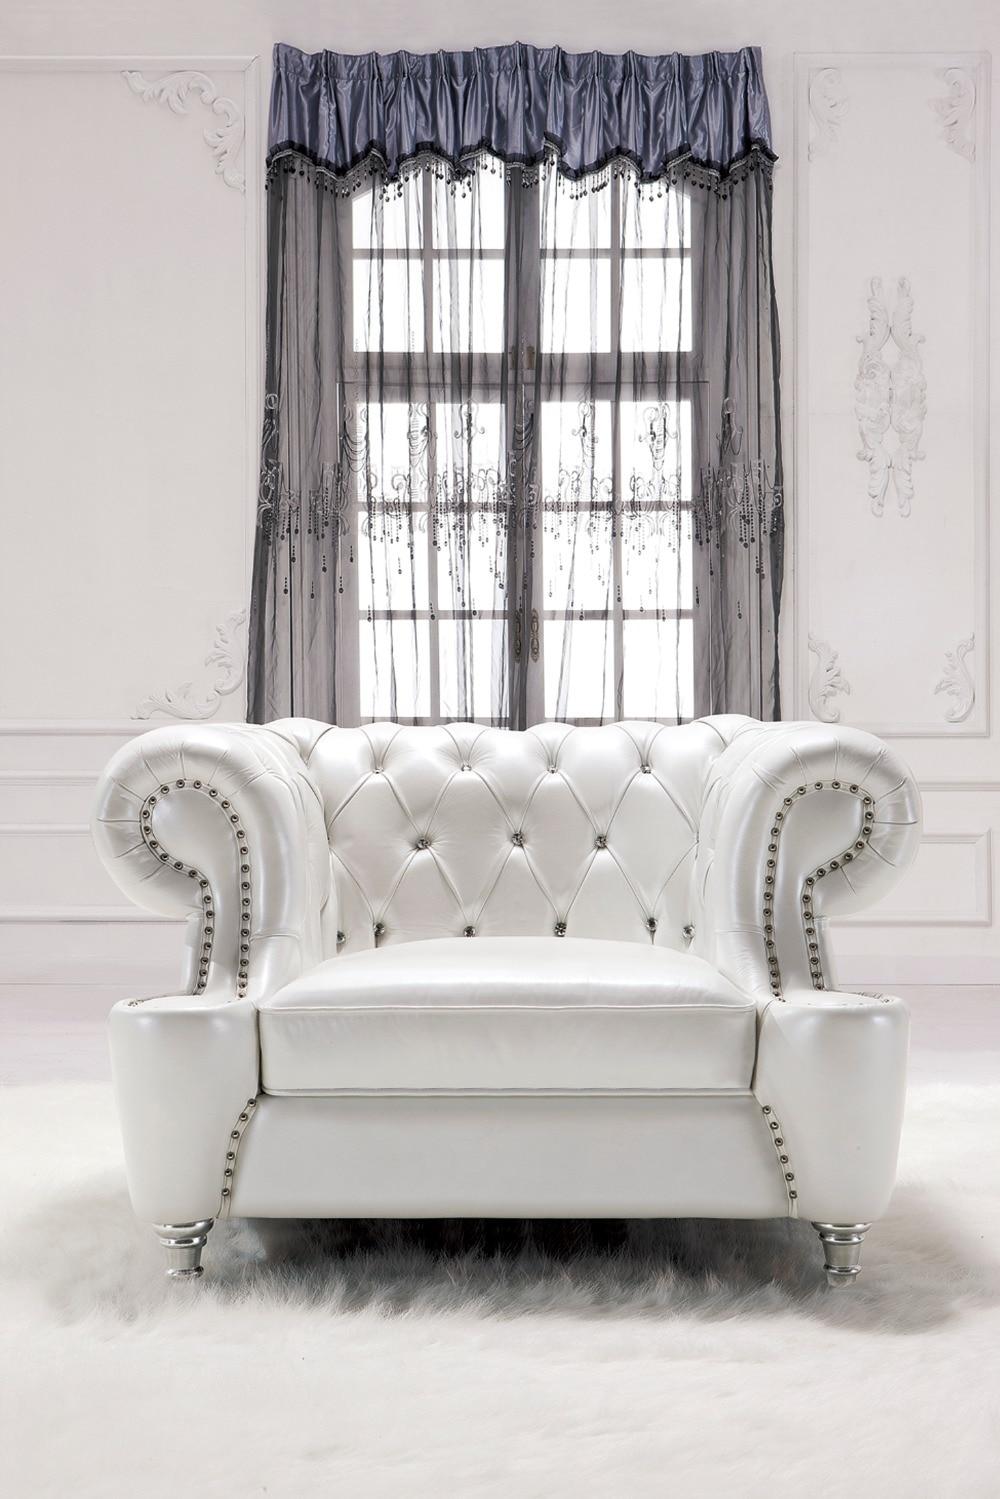 JIXINGE Canapea living cu canapea clasică de înaltă calitate, - Mobilier - Fotografie 3